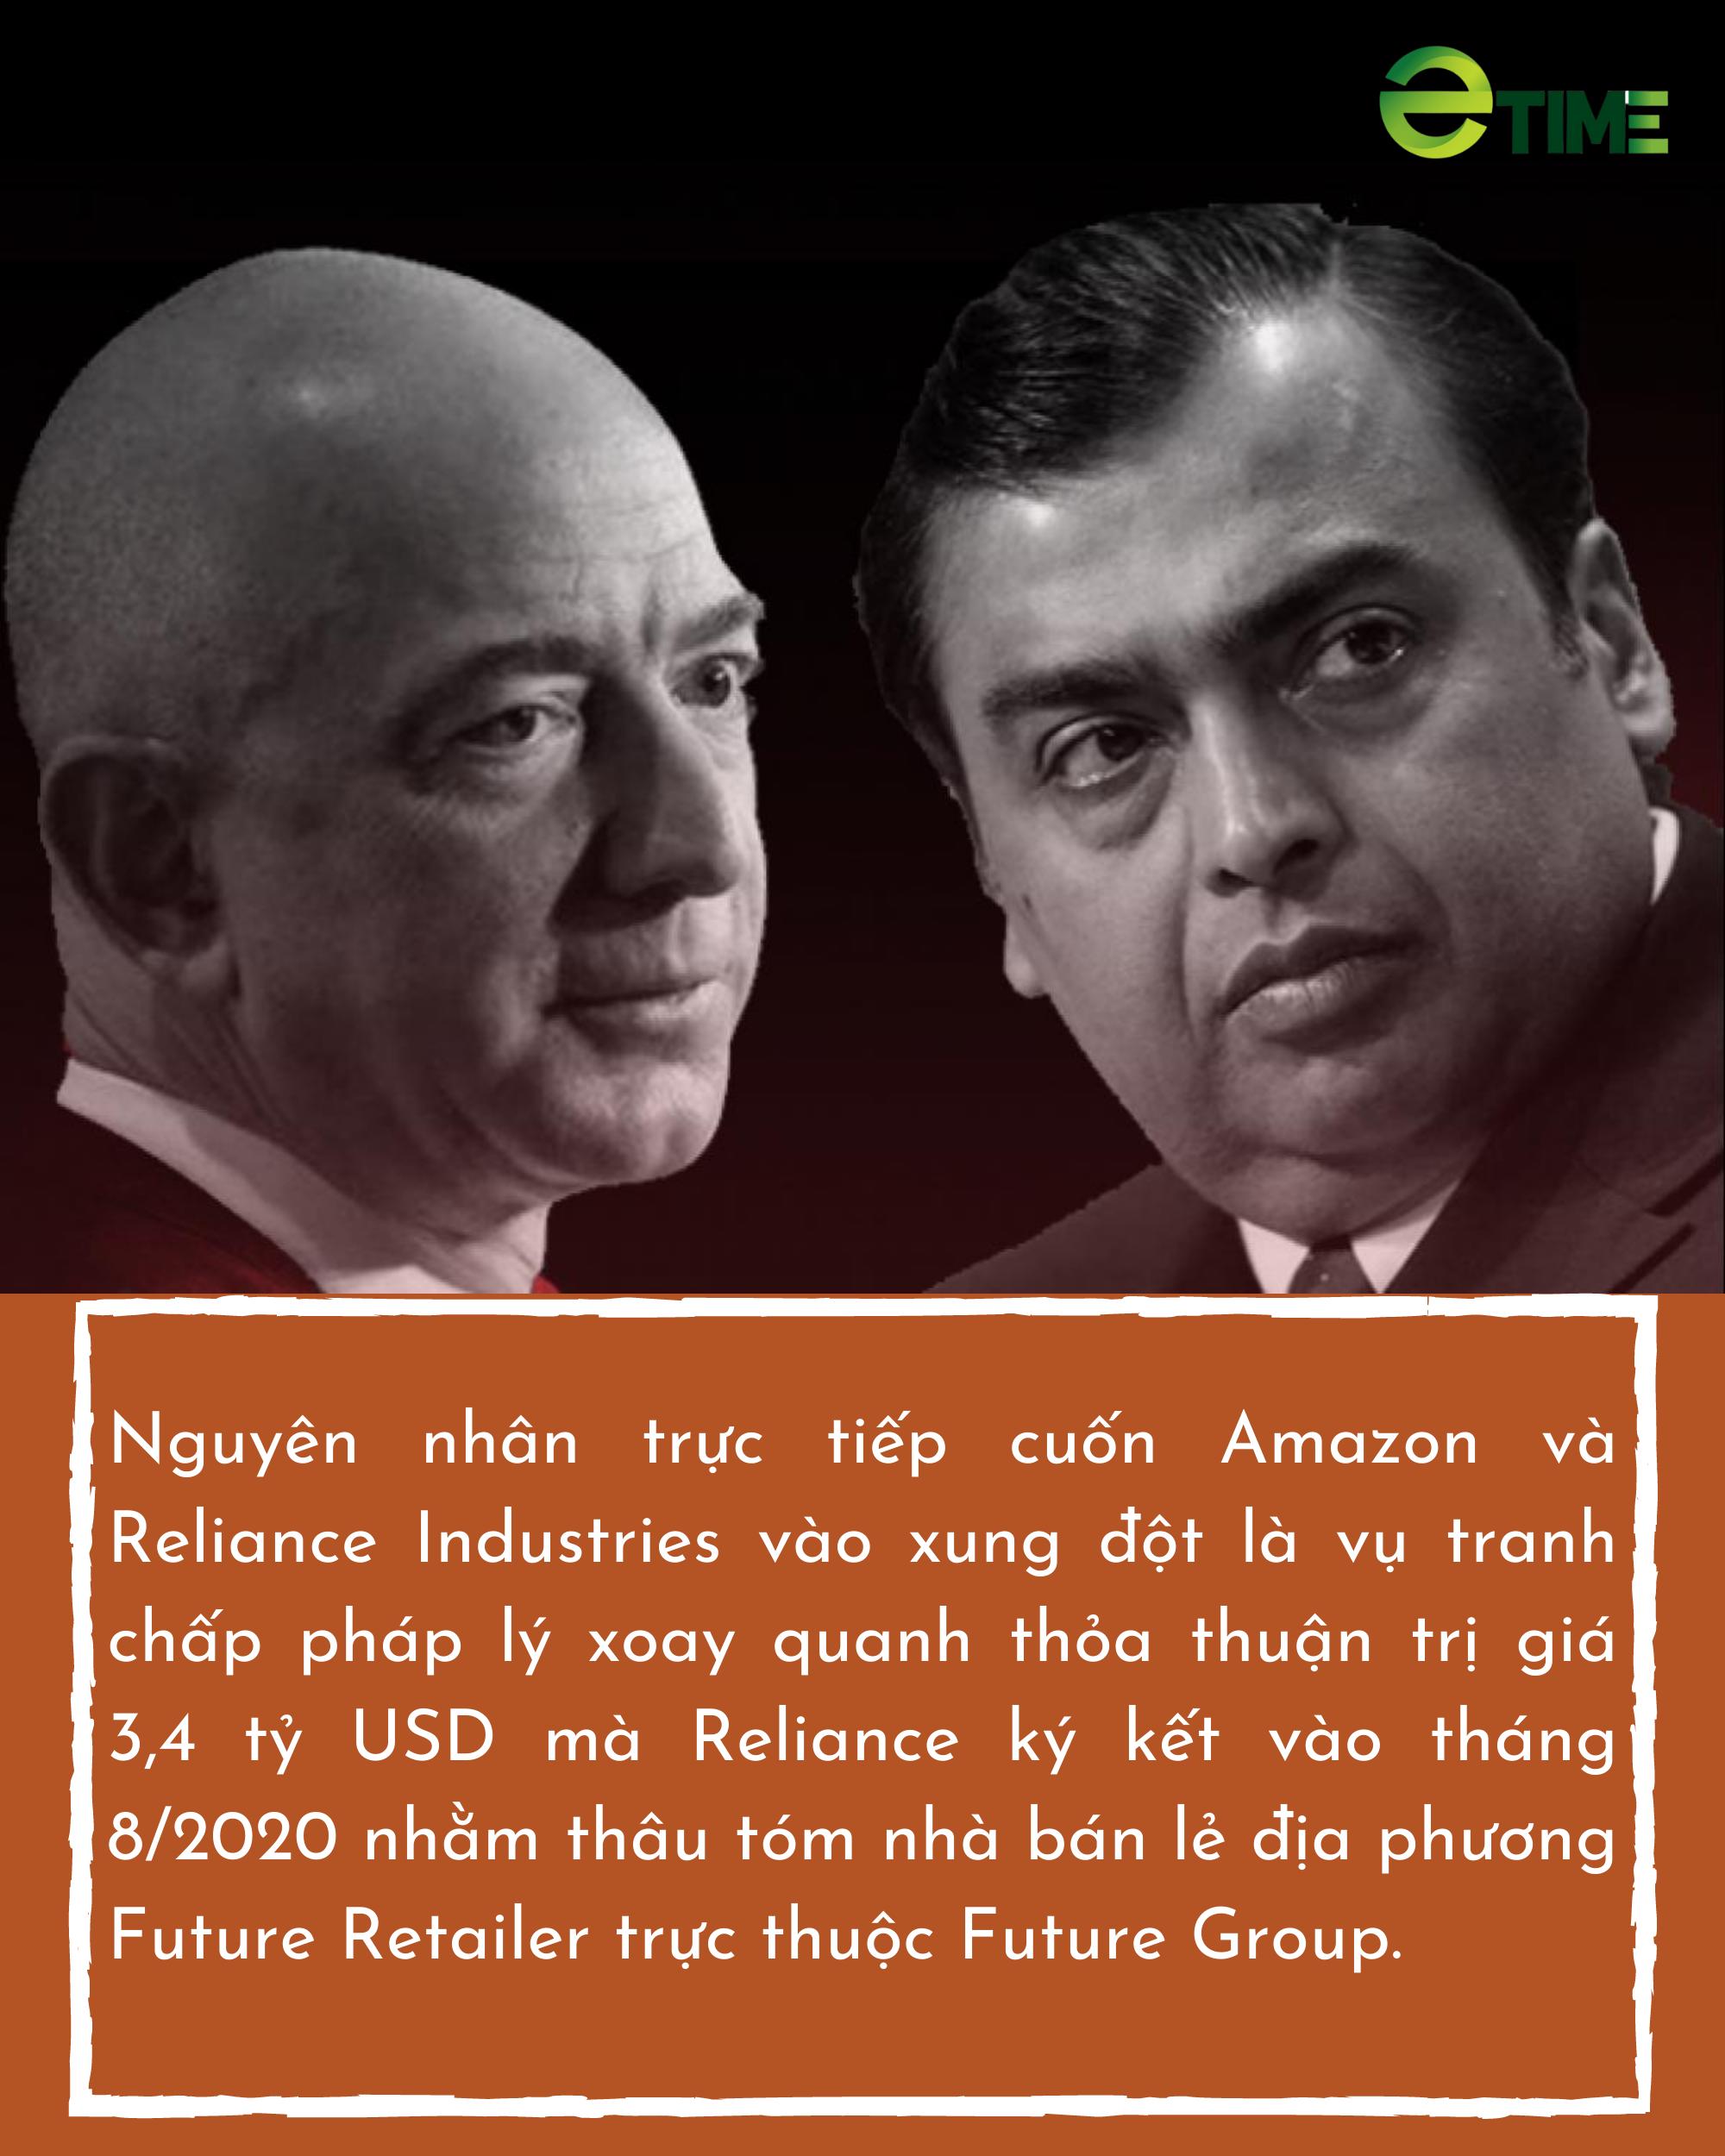 """Bezos - Ambani: Cuộc """"đụng độ"""" của những ông trùm và tương lai ngành bán lẻ Ấn Độ - Ảnh 1."""